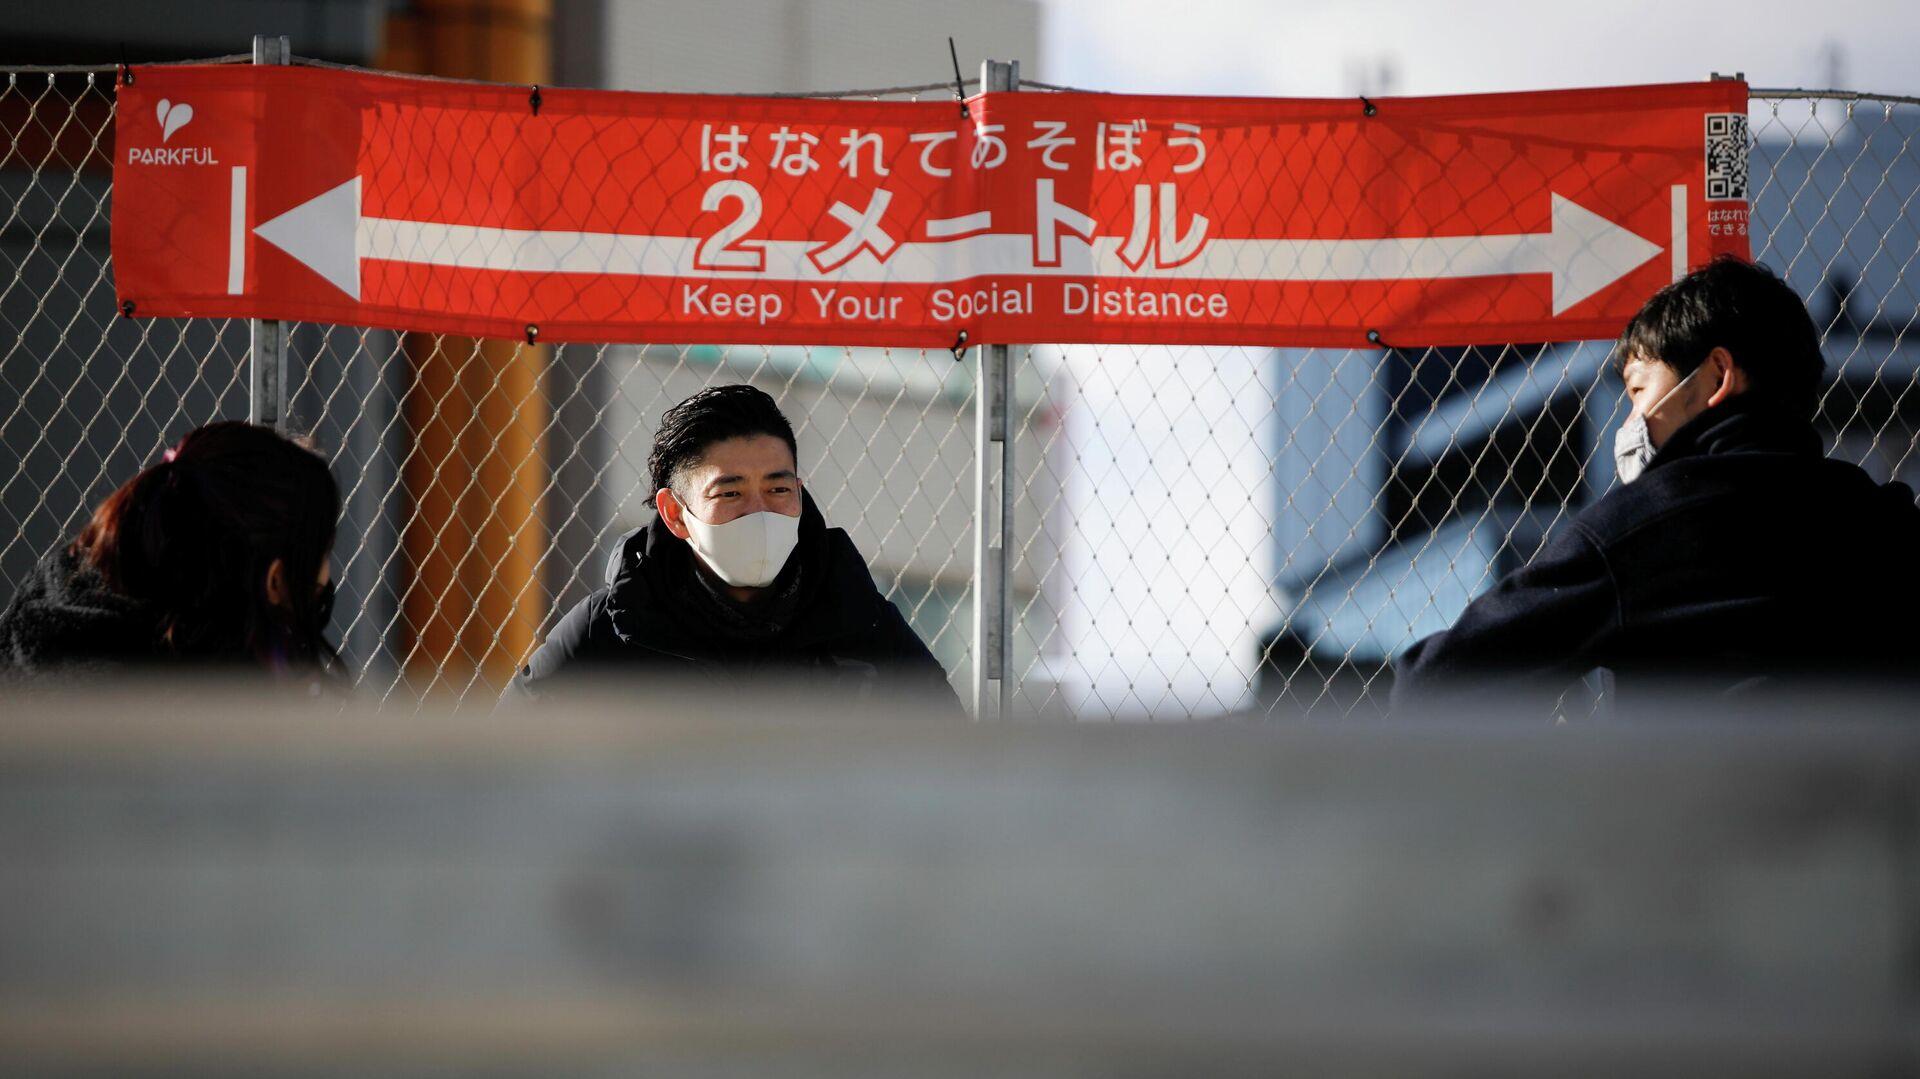 Призыв к социальному дистанцированию в столице Японии после того, как было объявлено чрезвычайное положение - РИА Новости, 1920, 02.02.2021